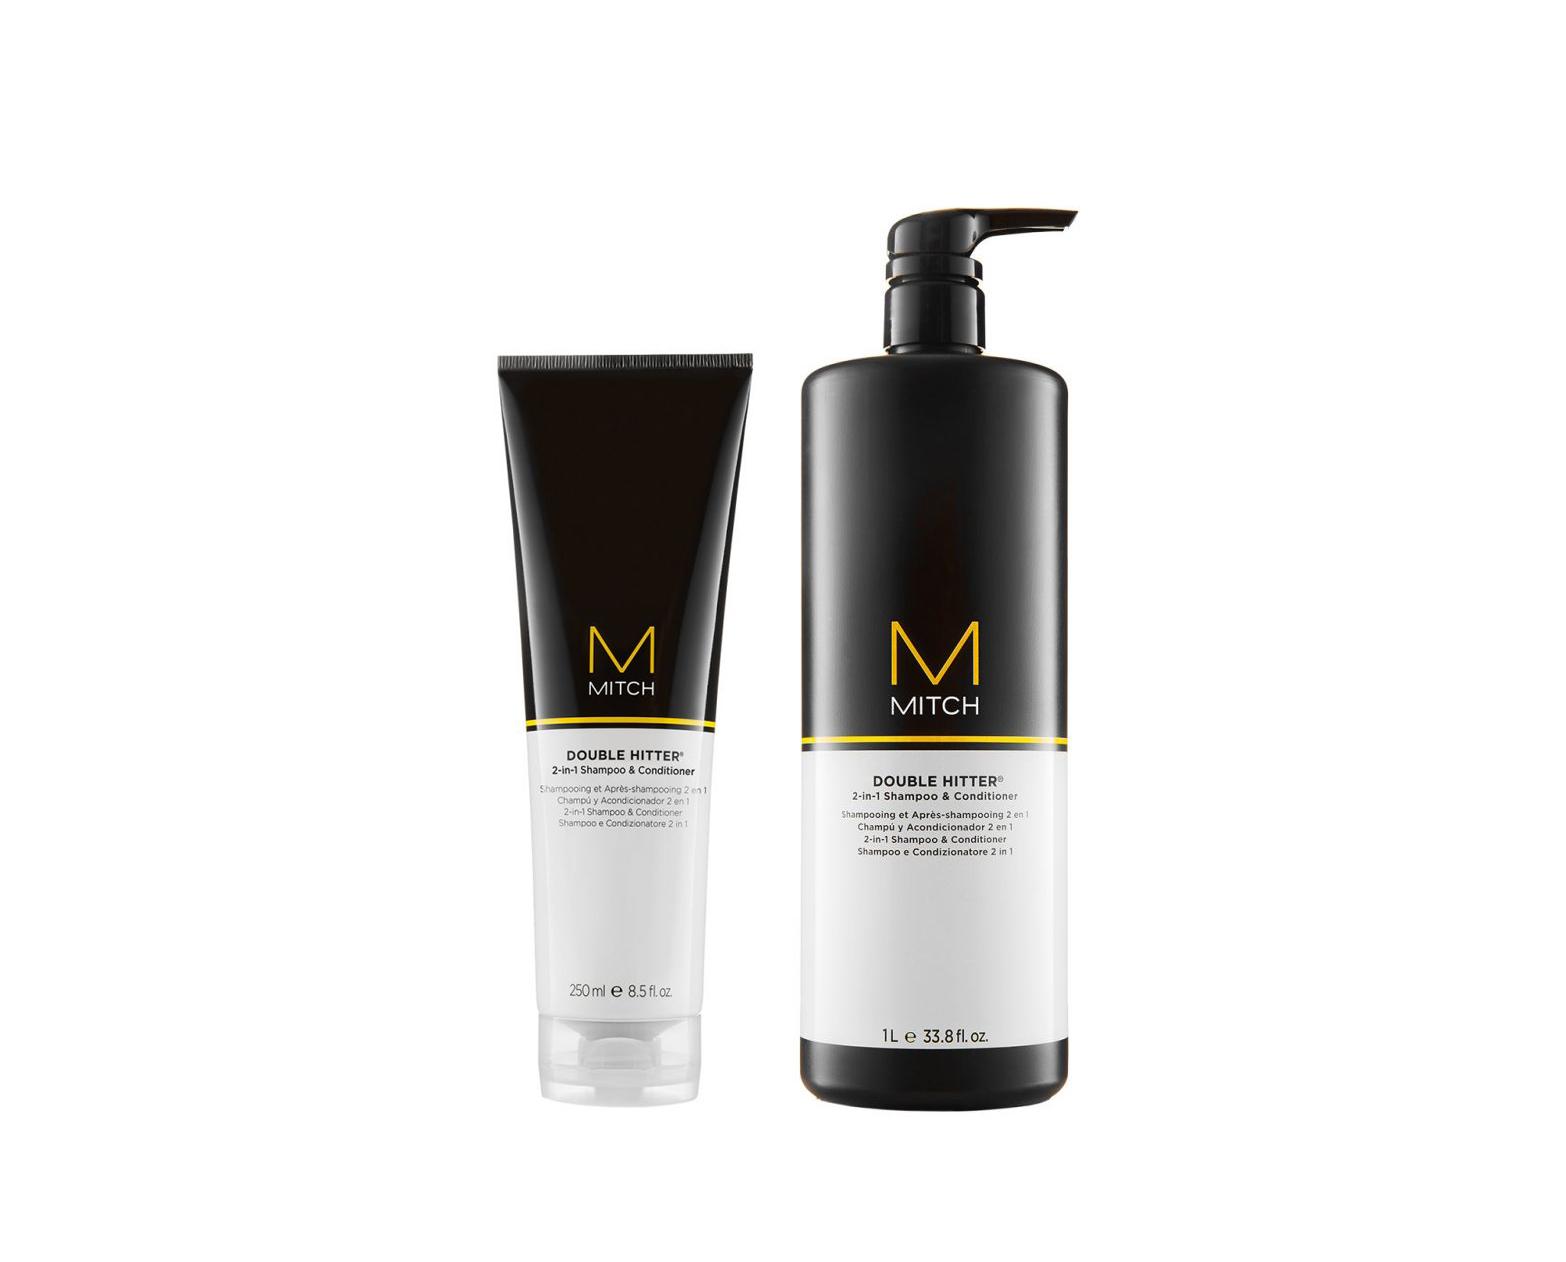 Paul Mitchell MITCH Double Hitter 2 in 1 - ošetřující šampon a péče pro muže